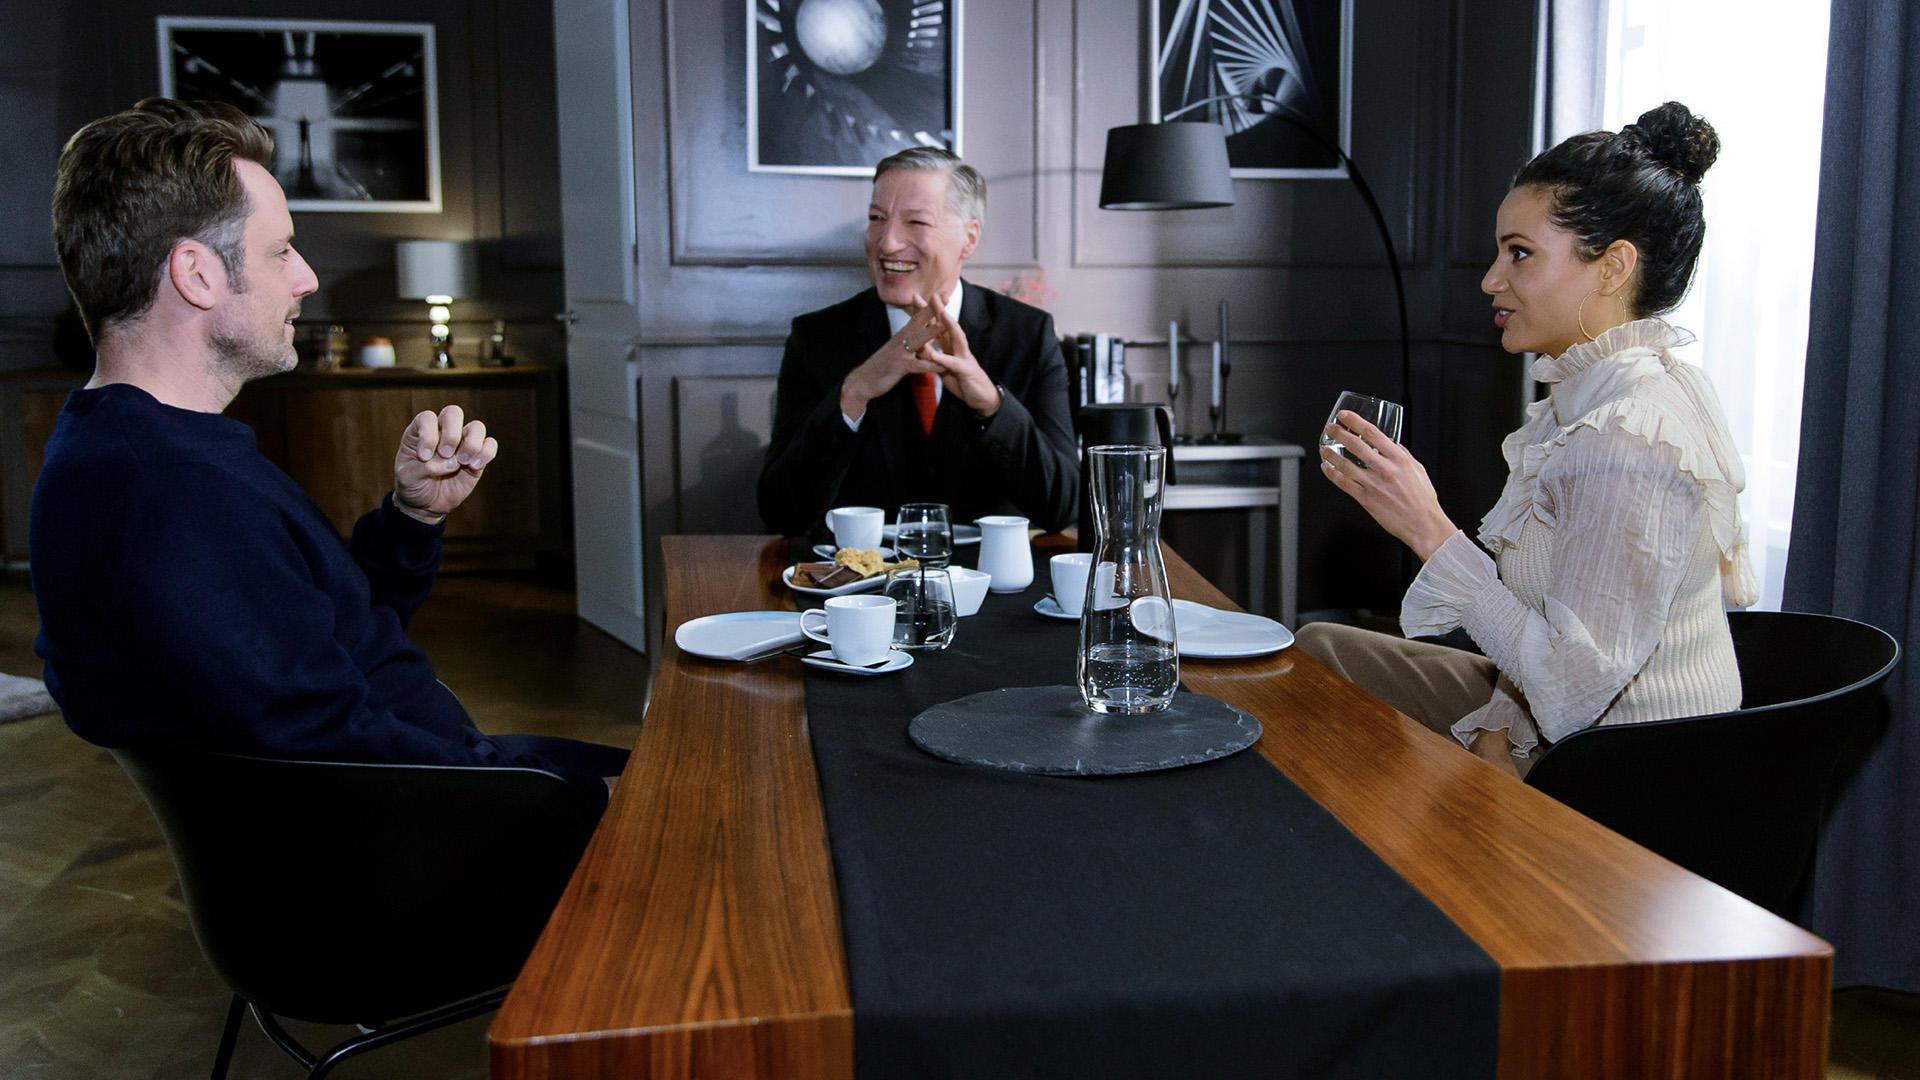 Justus beschließt, mit Georg reinen Tisch zu machen | Folge 3615